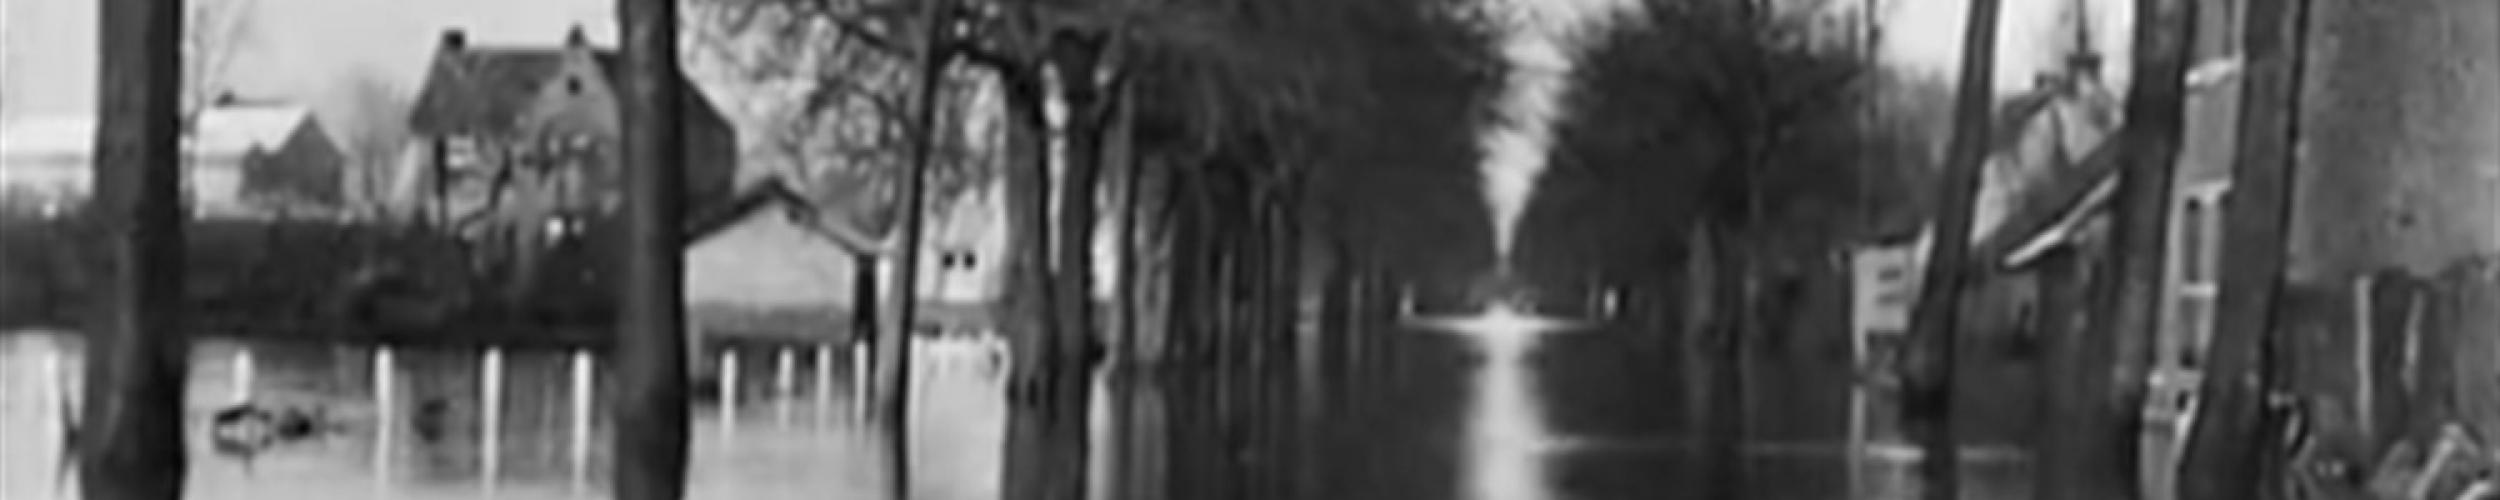 Overstromingen (1928)